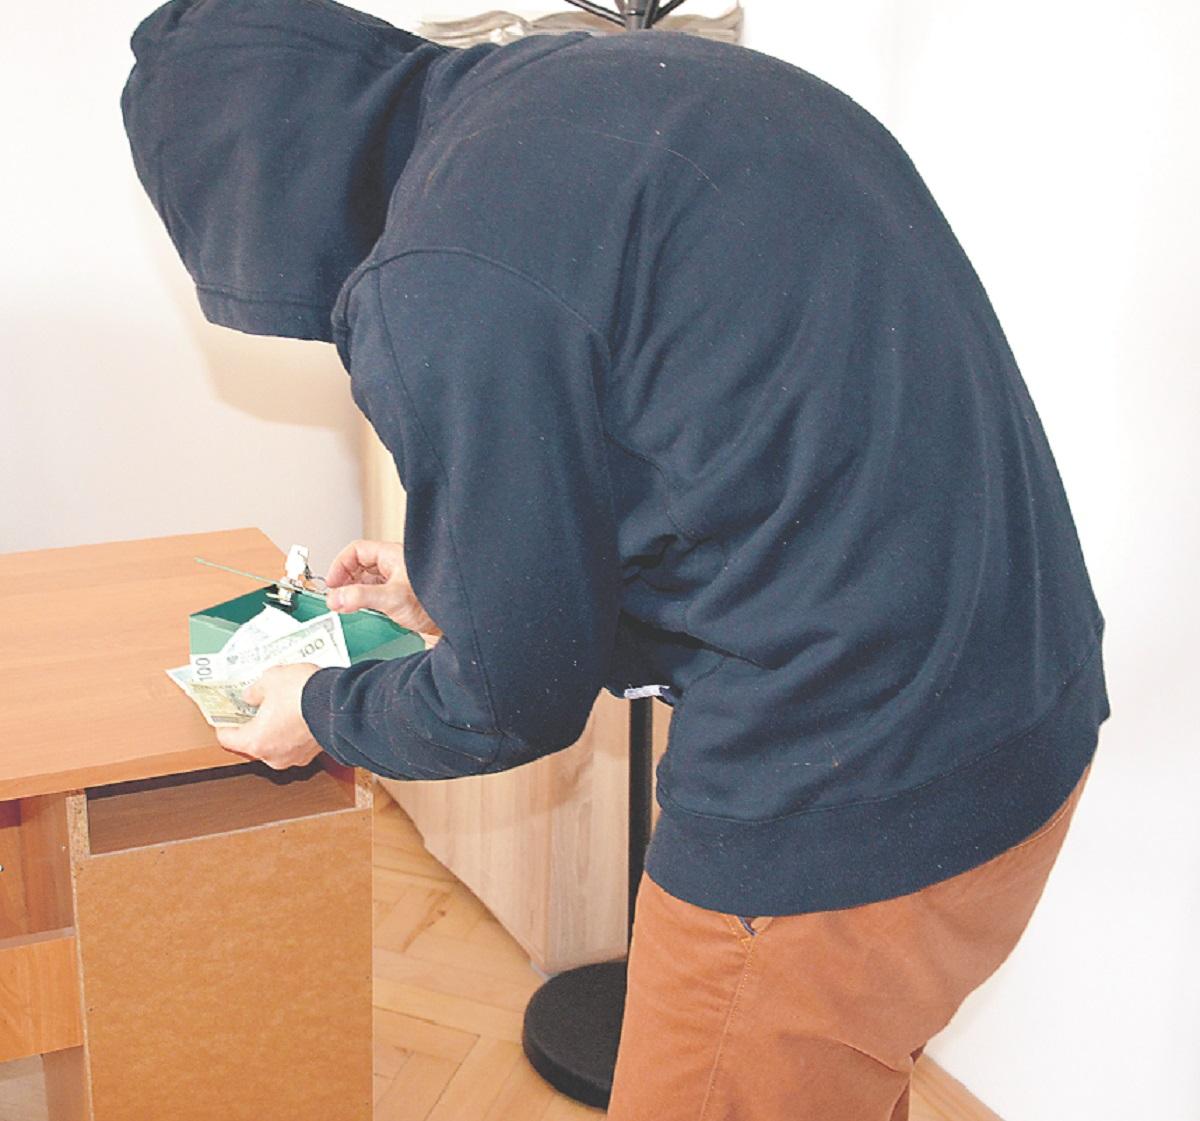 Po Sanoku grasują wybredni złodzieje - Zdjęcie główne